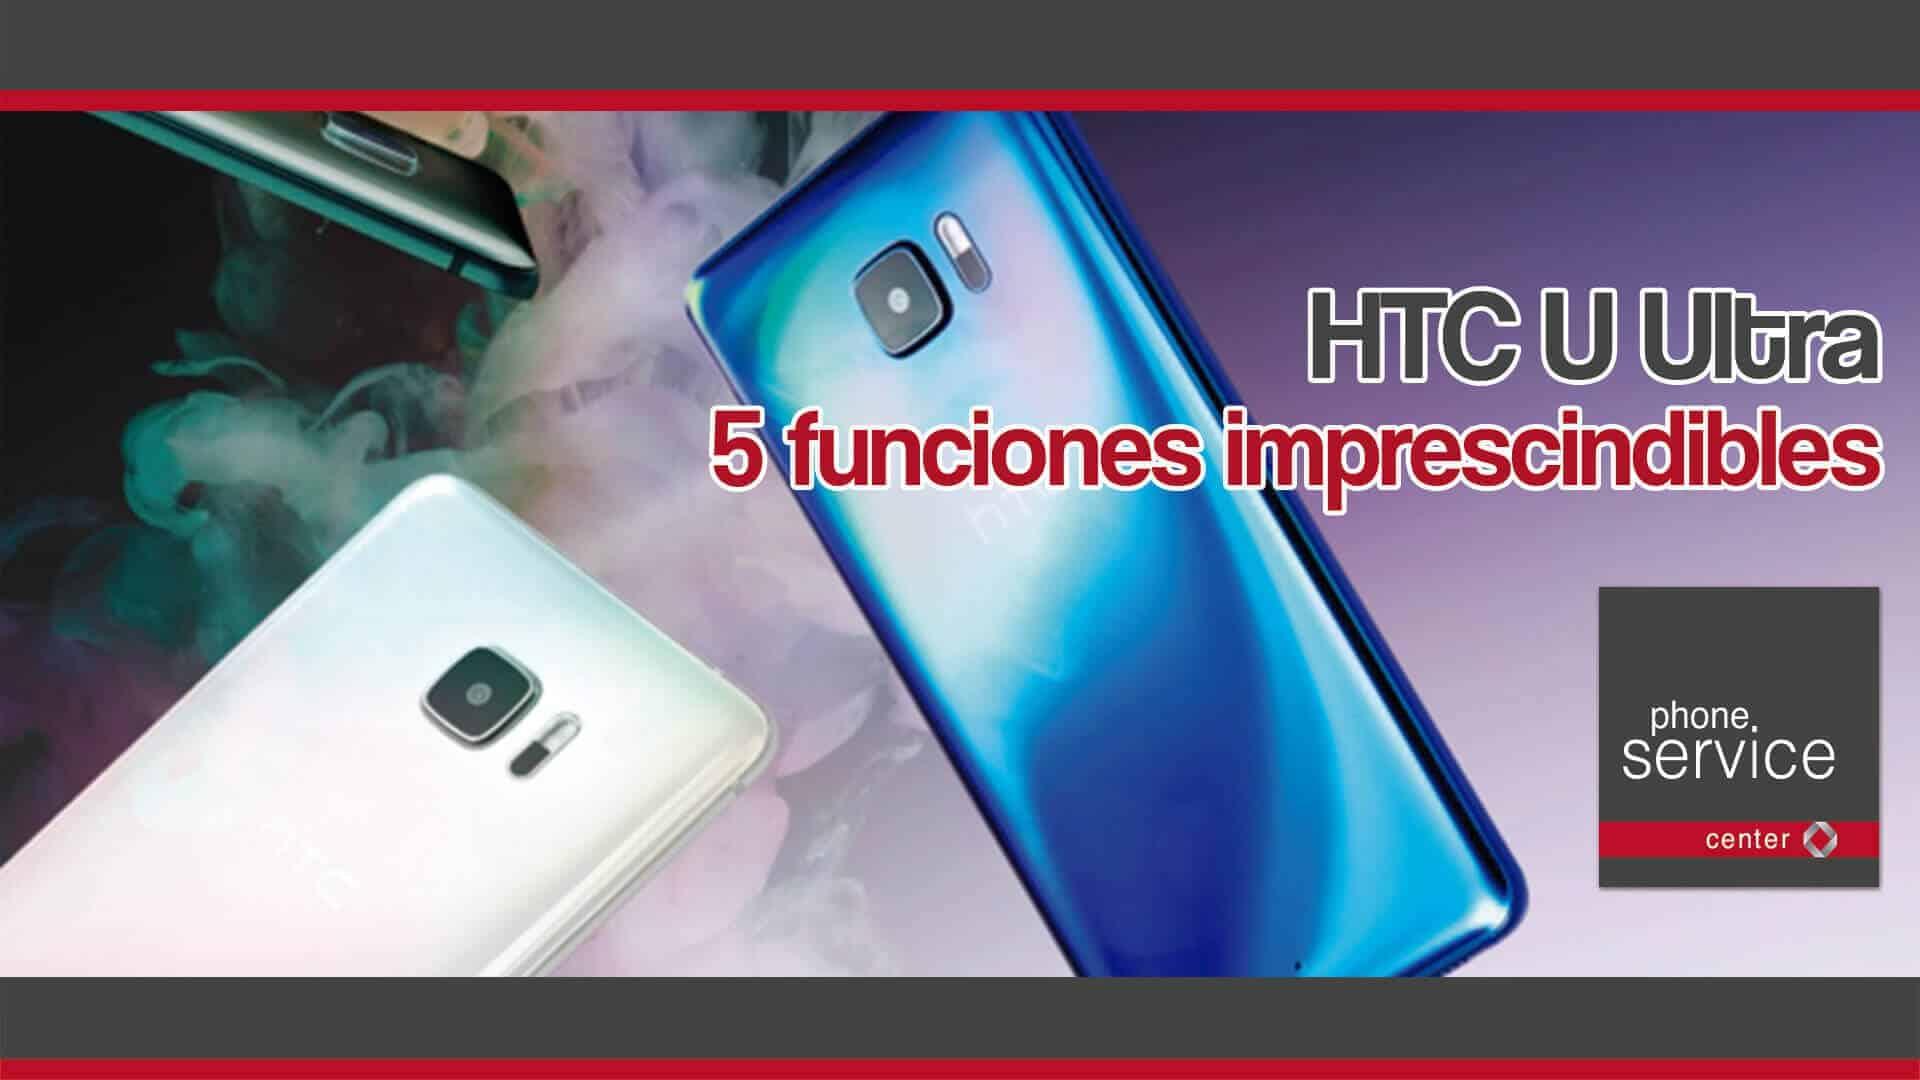 HTC U Ultra 5 funciones imprescindibles